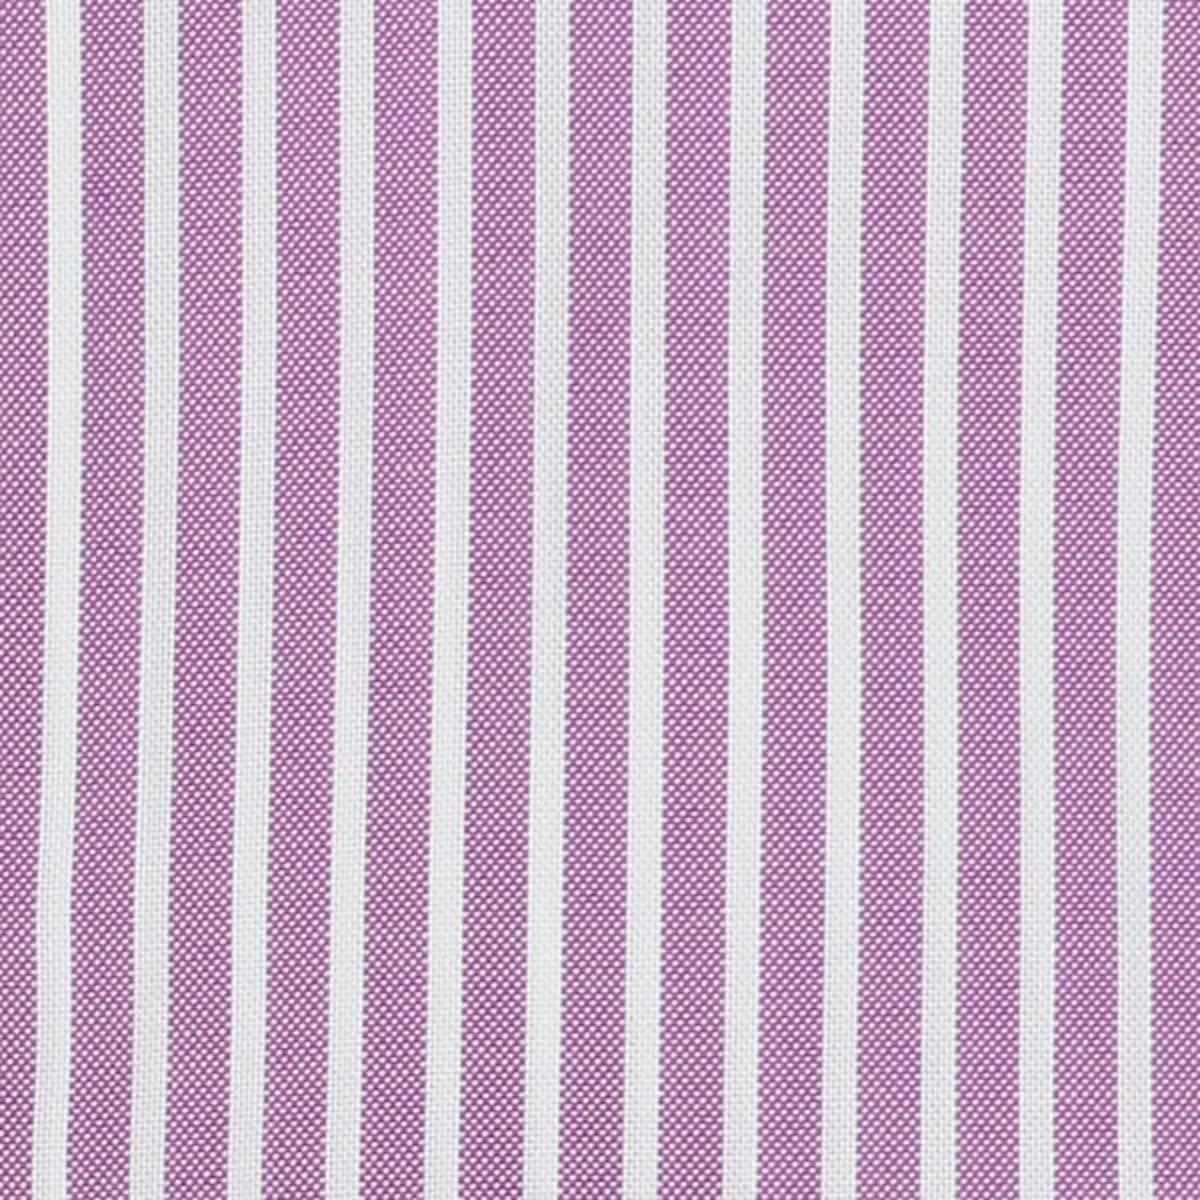 InStitchu Shirt Fabric 3939